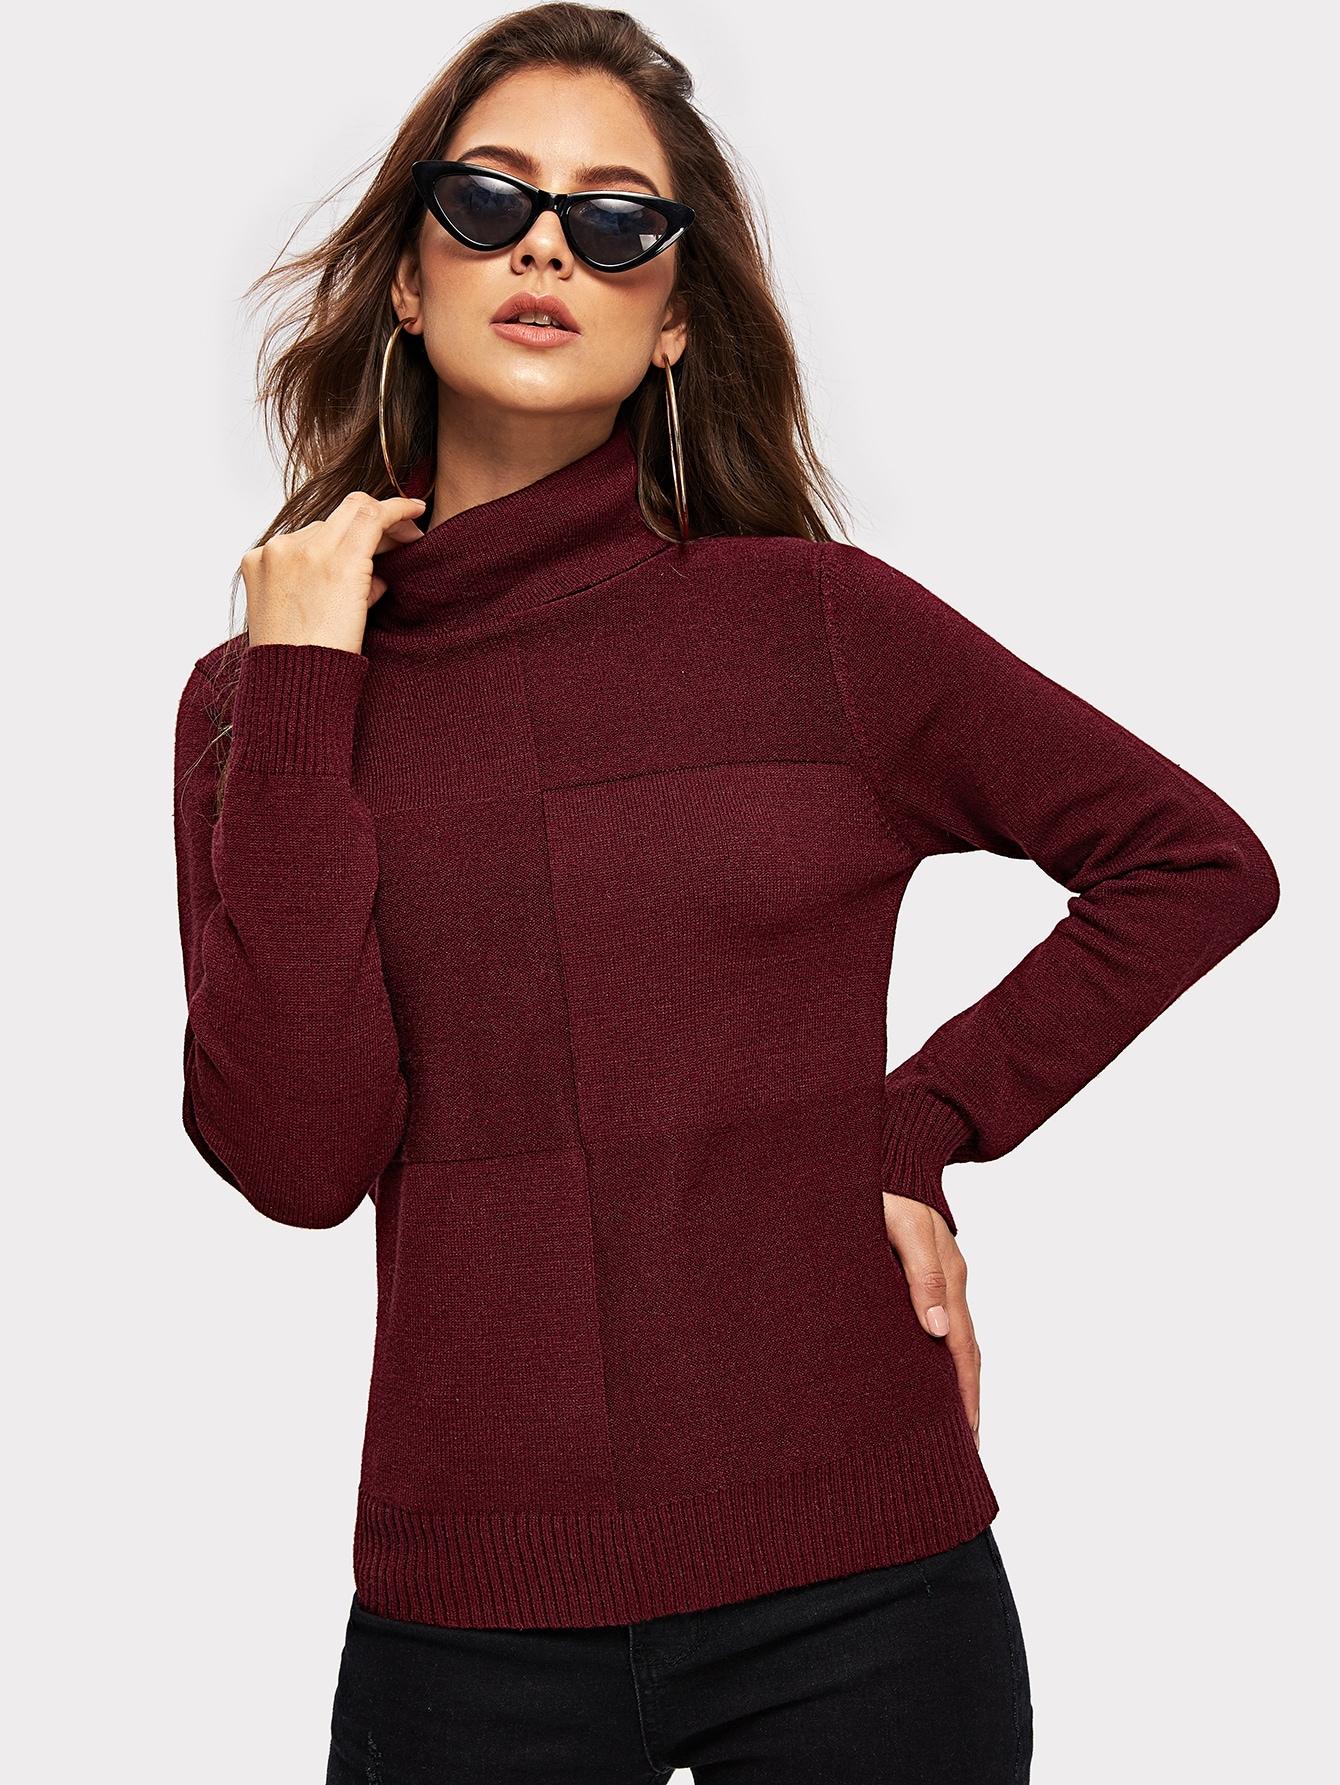 Купить Контрастный свитер с высоким вырезом, Debi Cruz, SheIn